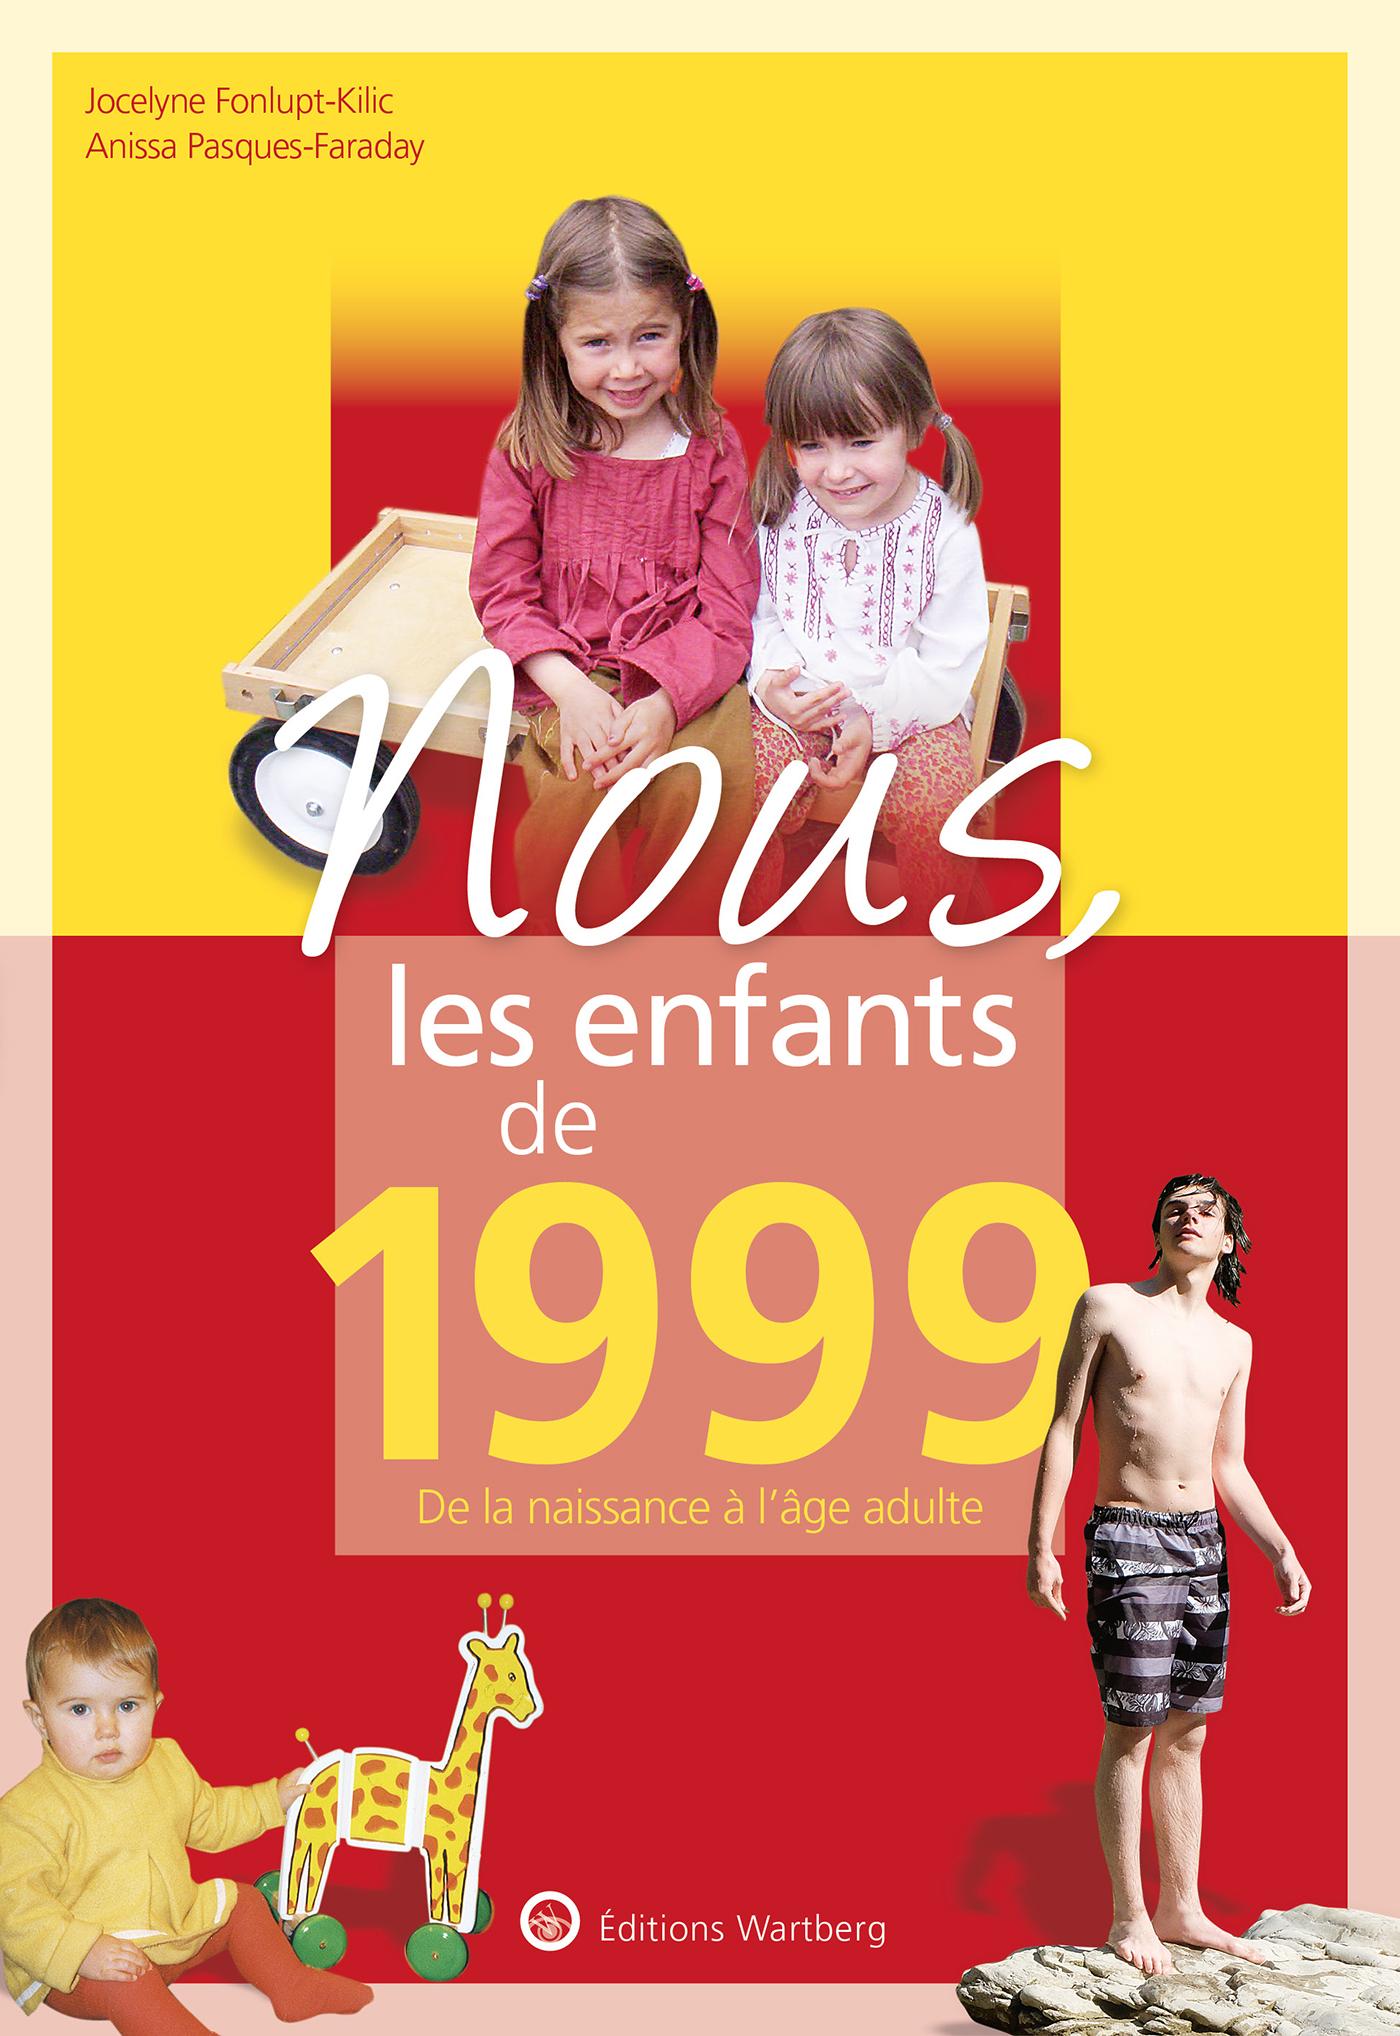 NOUS, LES ENFANTS DE 1999 - DE LA NAISSANCE A L'AGE ADULTE